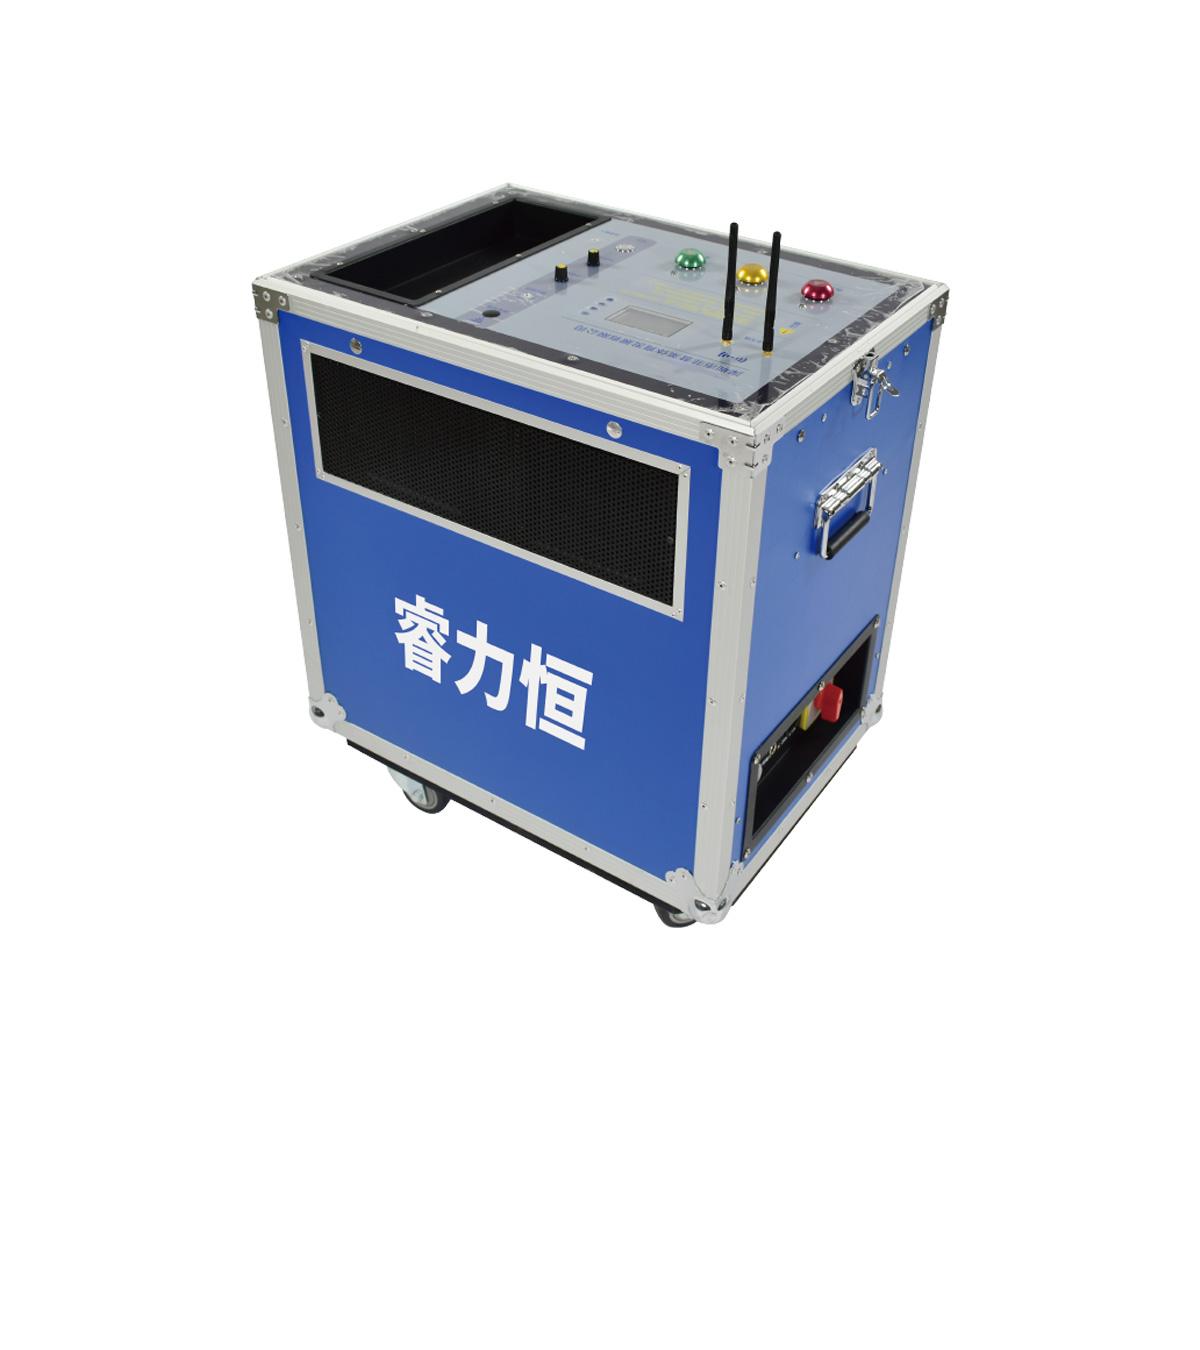 无线自动发令系统(一体机)